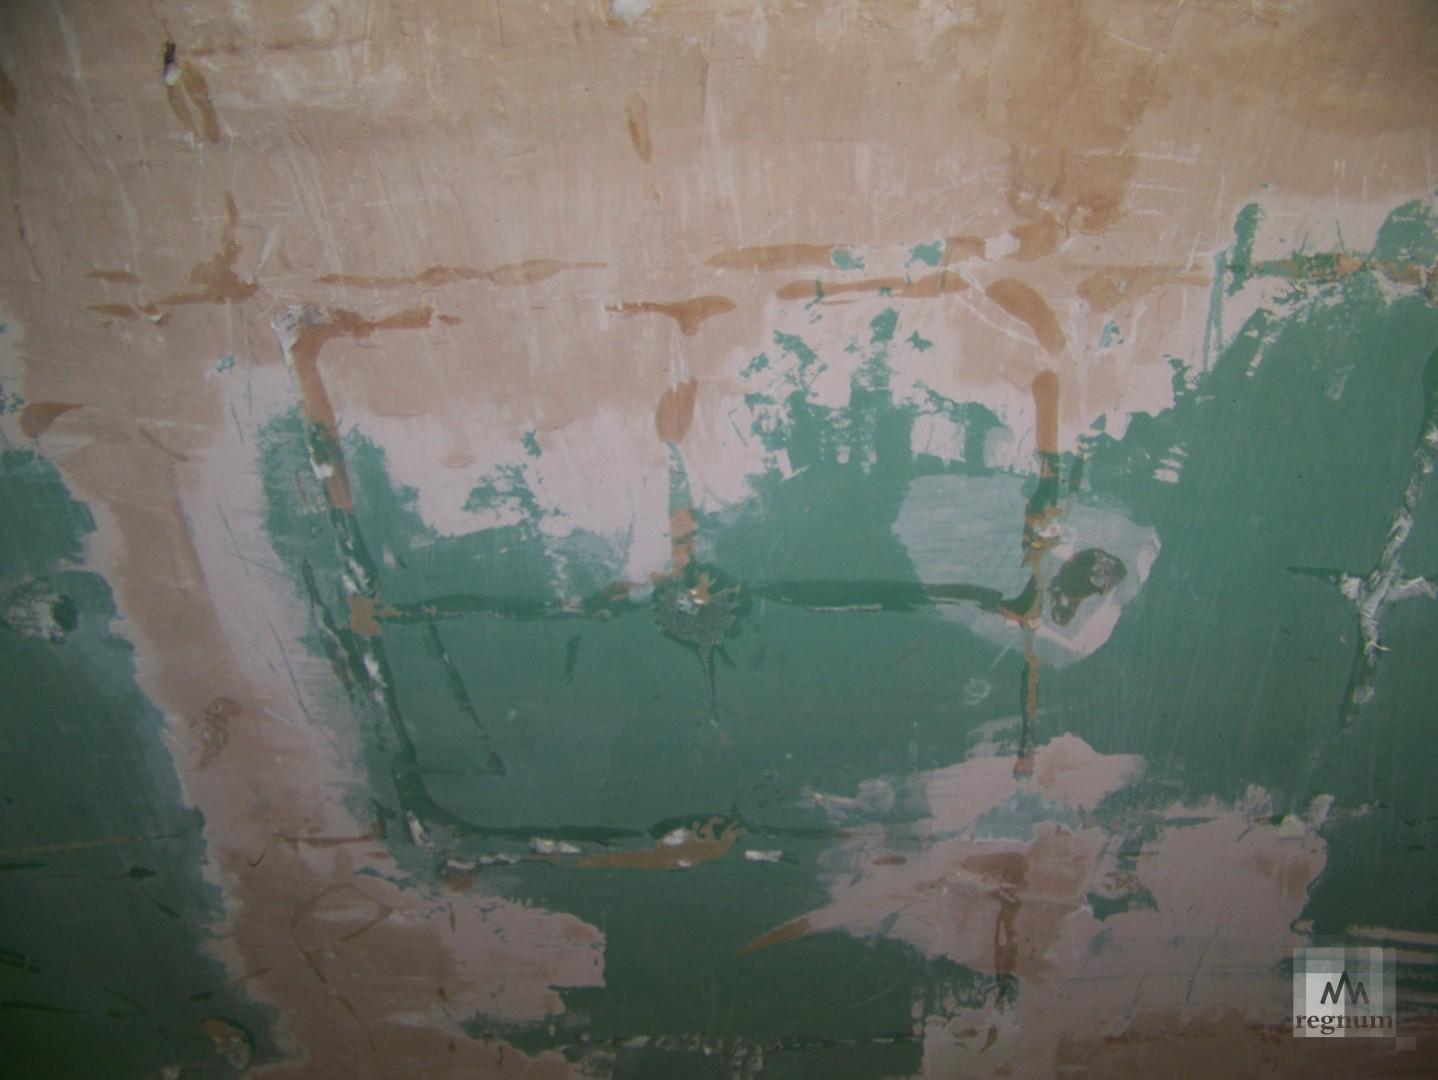 Как выглядит потолок над ванной, который уже обрушился на улице Спекова в Бийске